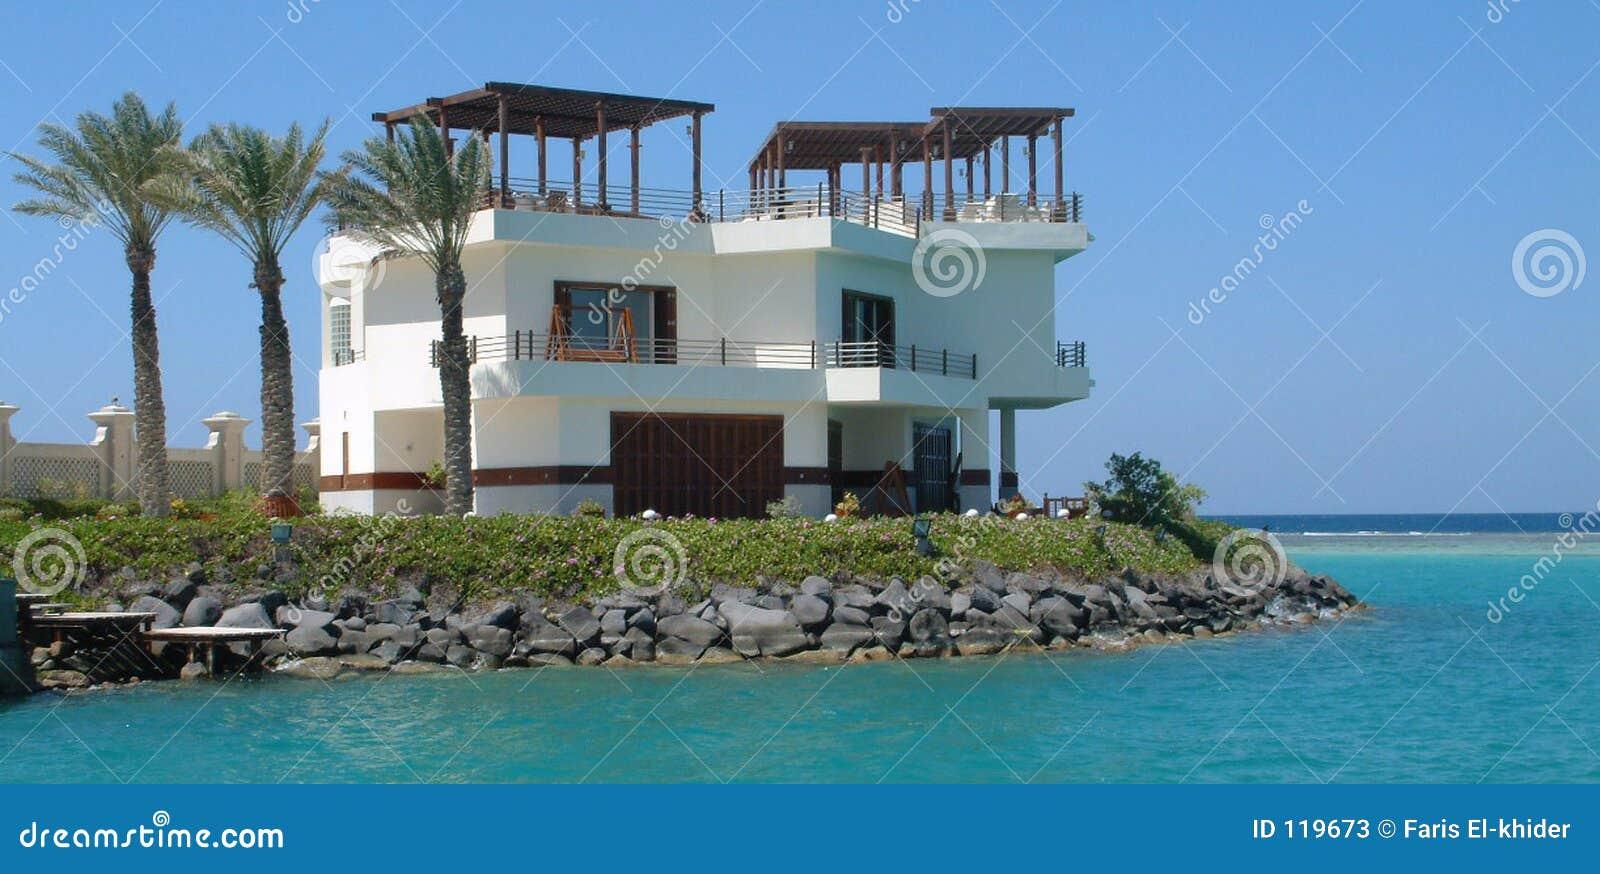 Villa on sea